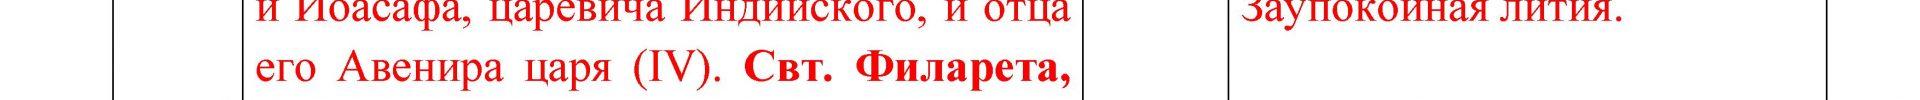 Расписание богослужений Преображенского храма деревни Спас-Каменка на декабрь 2018 года